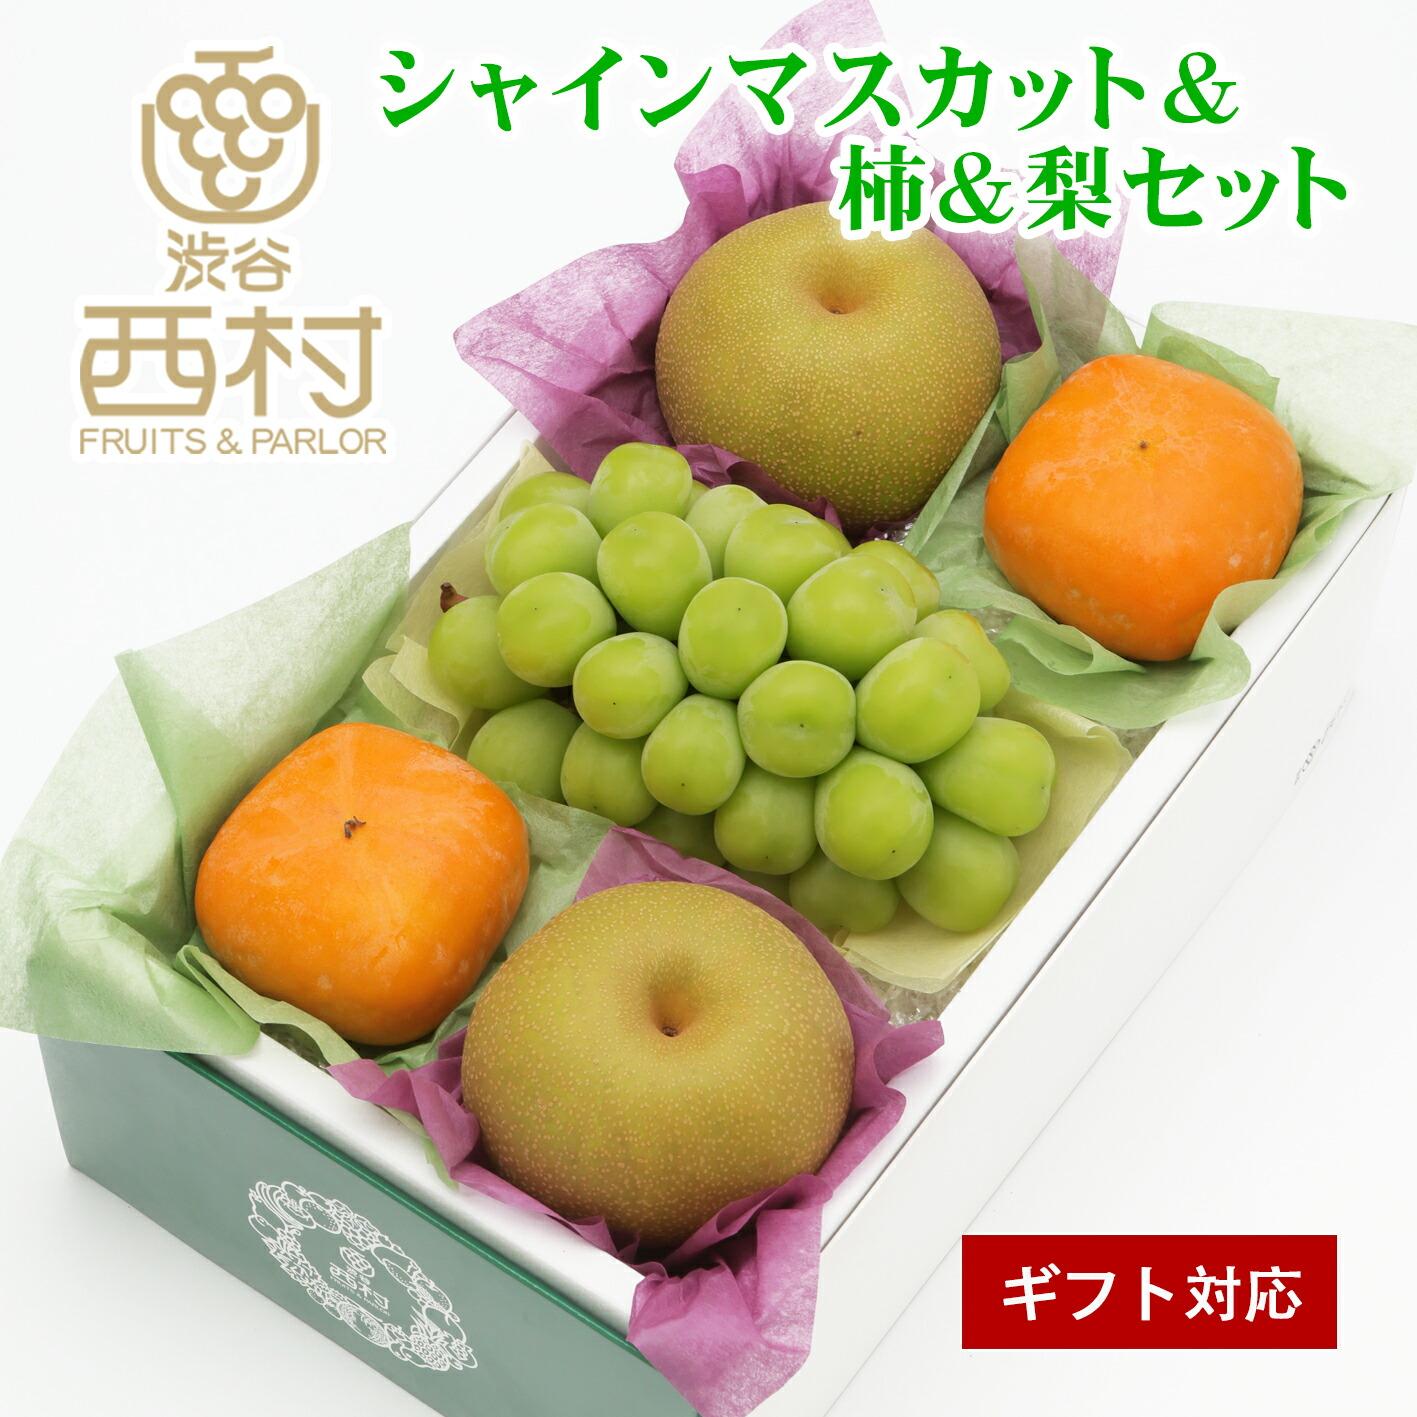 シャインマスカット&柿&梨セット